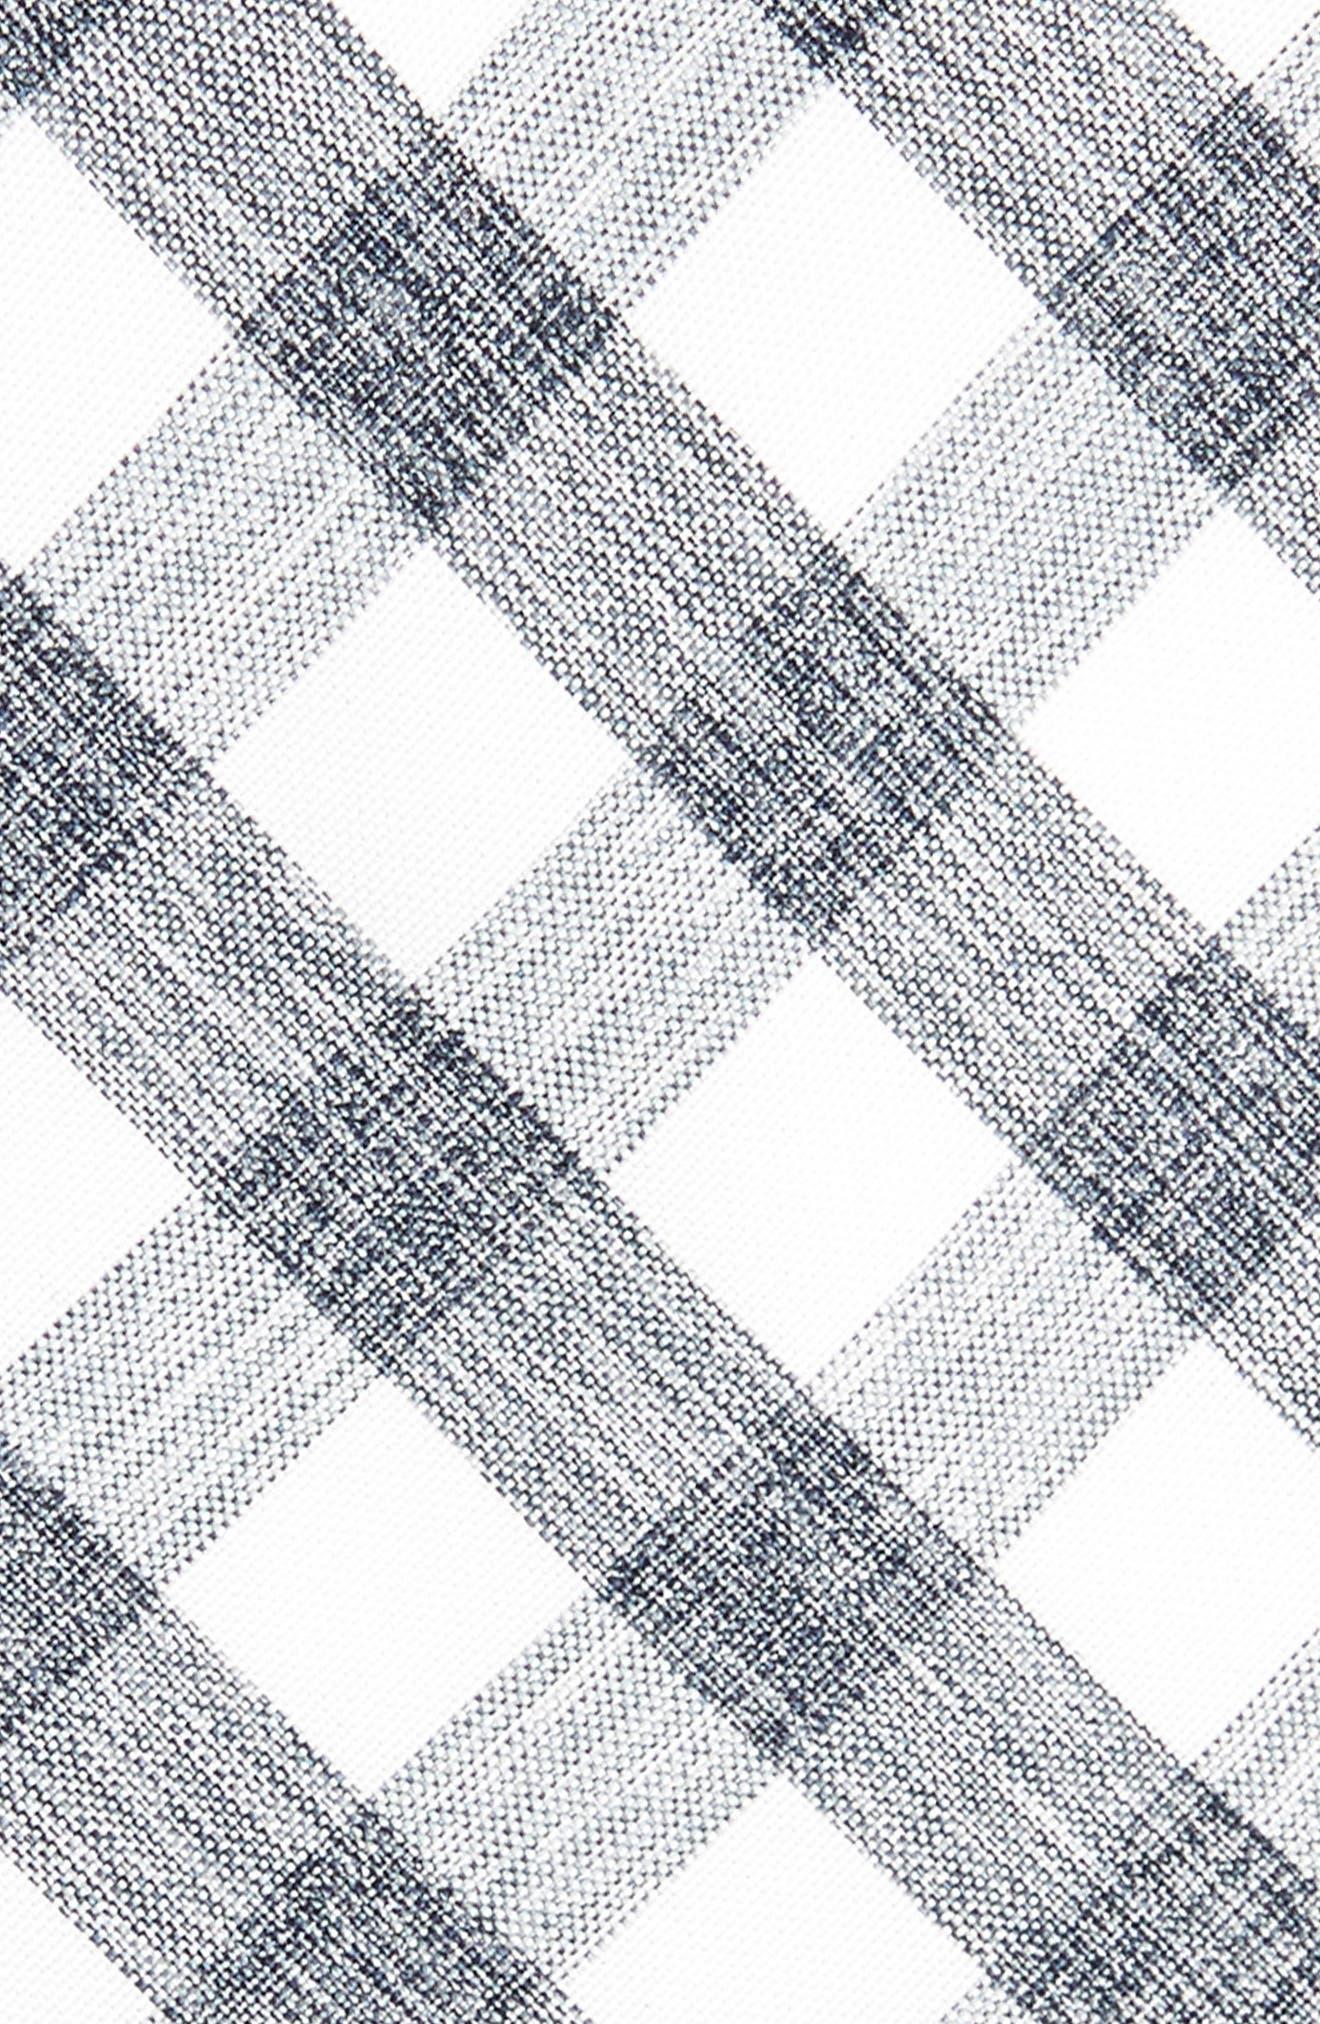 Larkin Check Cotton Tie,                             Alternate thumbnail 2, color,                             001